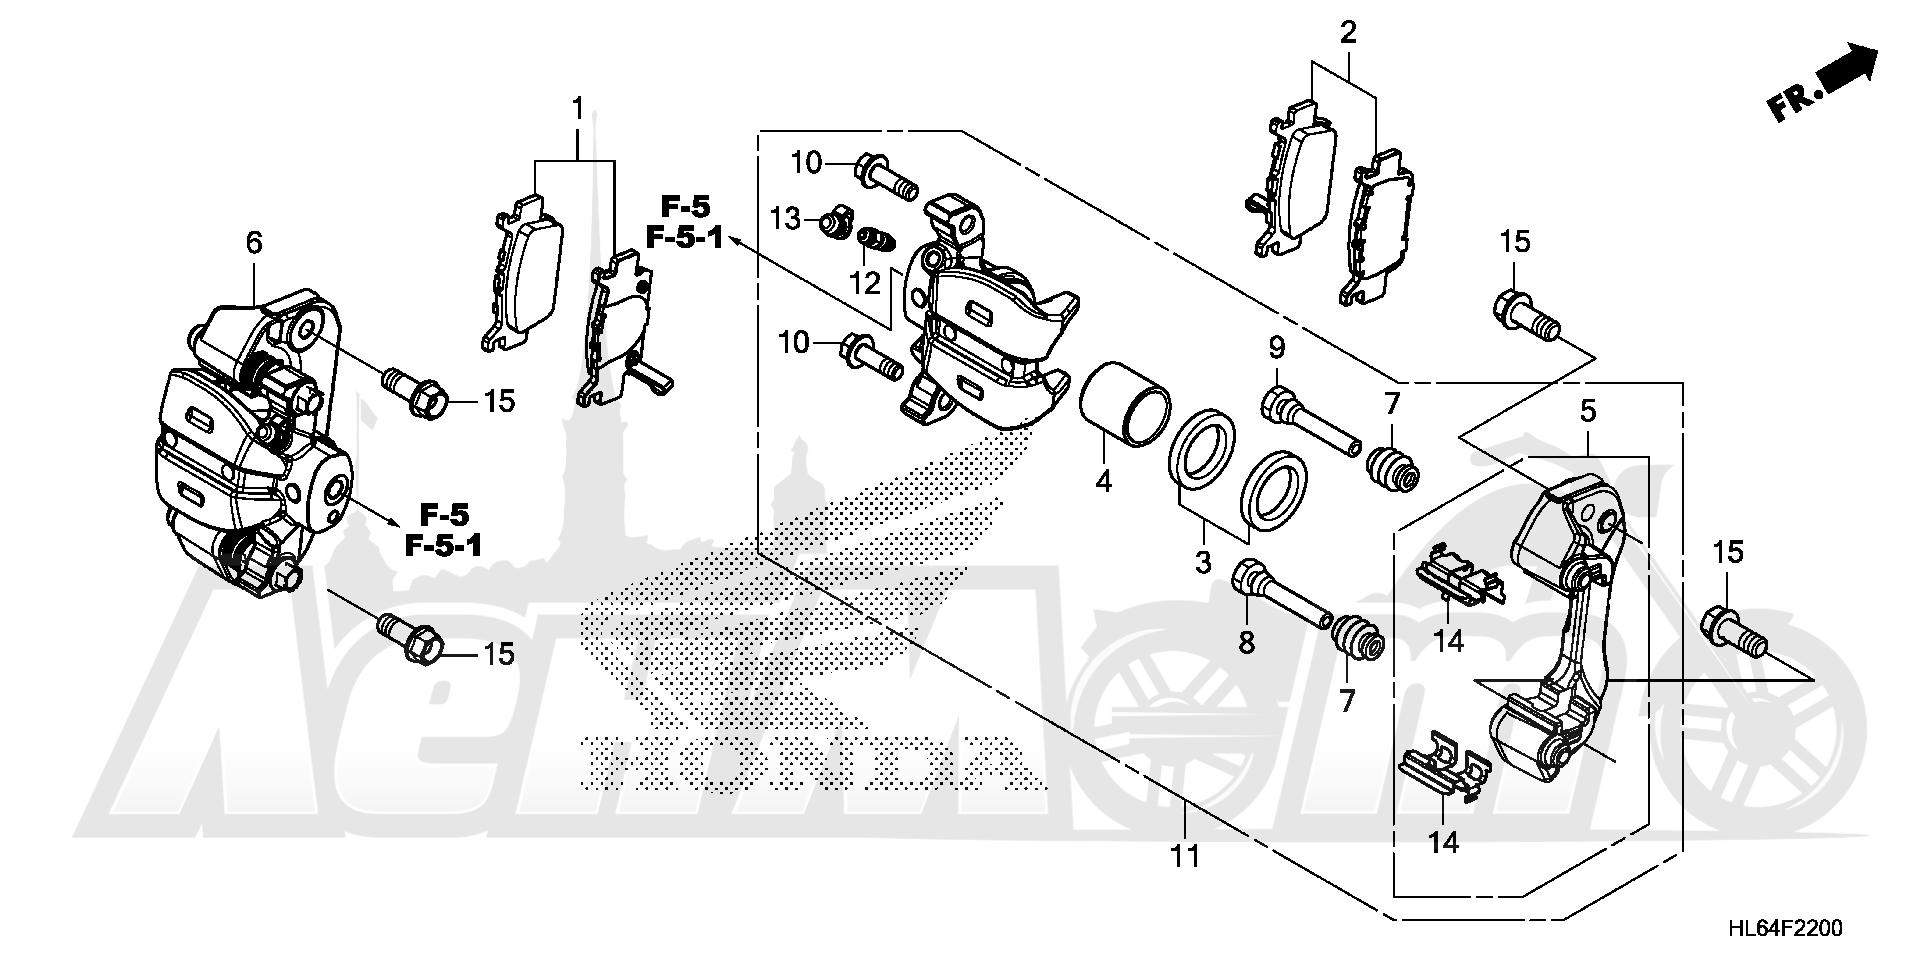 Запчасти для Квадроцикла Honda 2019 SXS1000S2R Раздел: REAR BRAKE CALIPER | задний тормоз суппорт